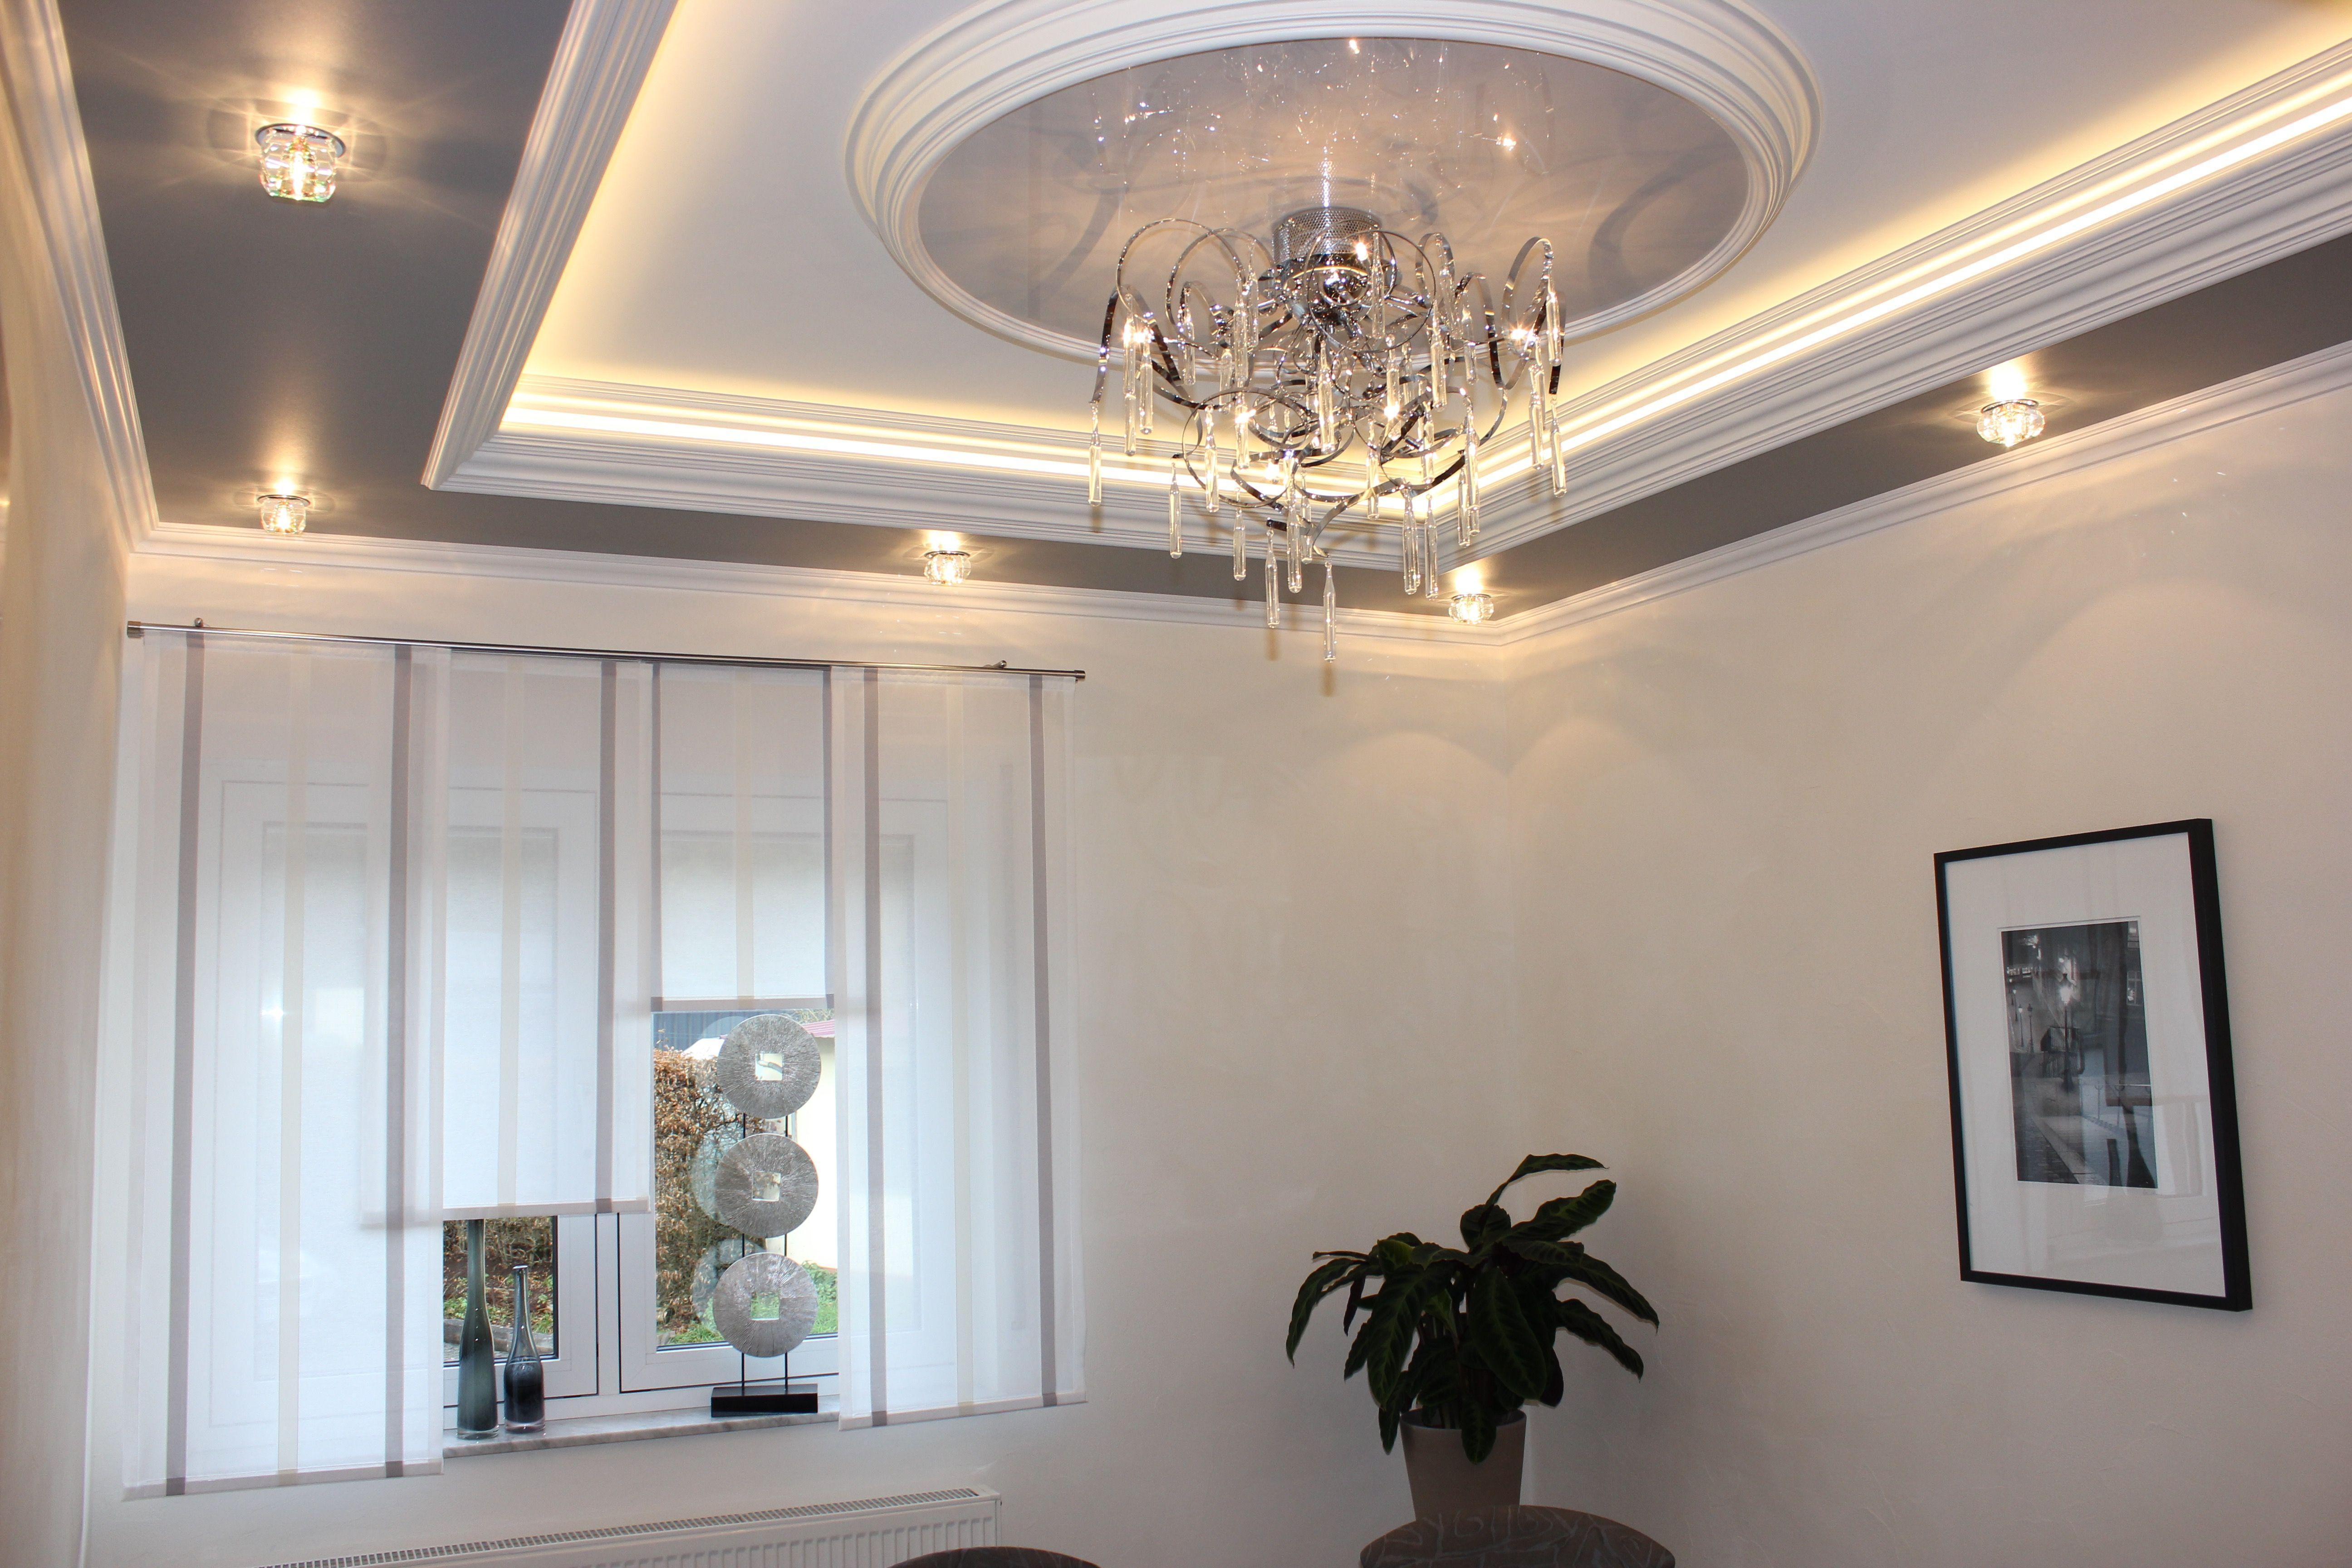 Spanplafond Met Verlichting Spanndecke Mit Beleuchtung Stretched Ceiling  With Lighting